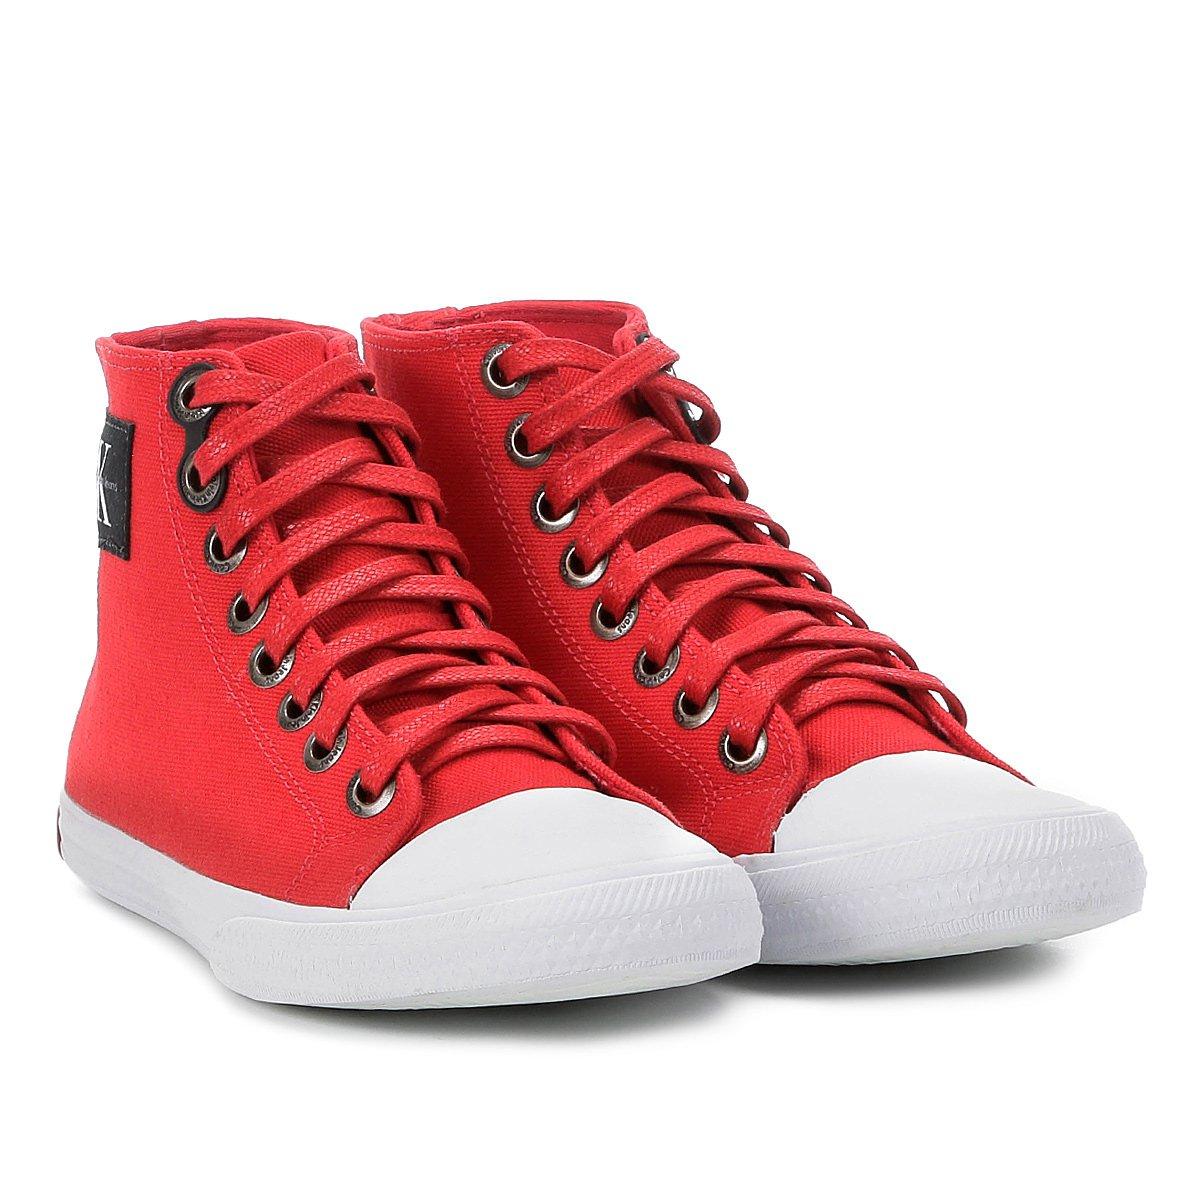 Tênis Cano Alto Calvin Klein Lona Feminino - Compre Agora   Netshoes 7a6753b9ce